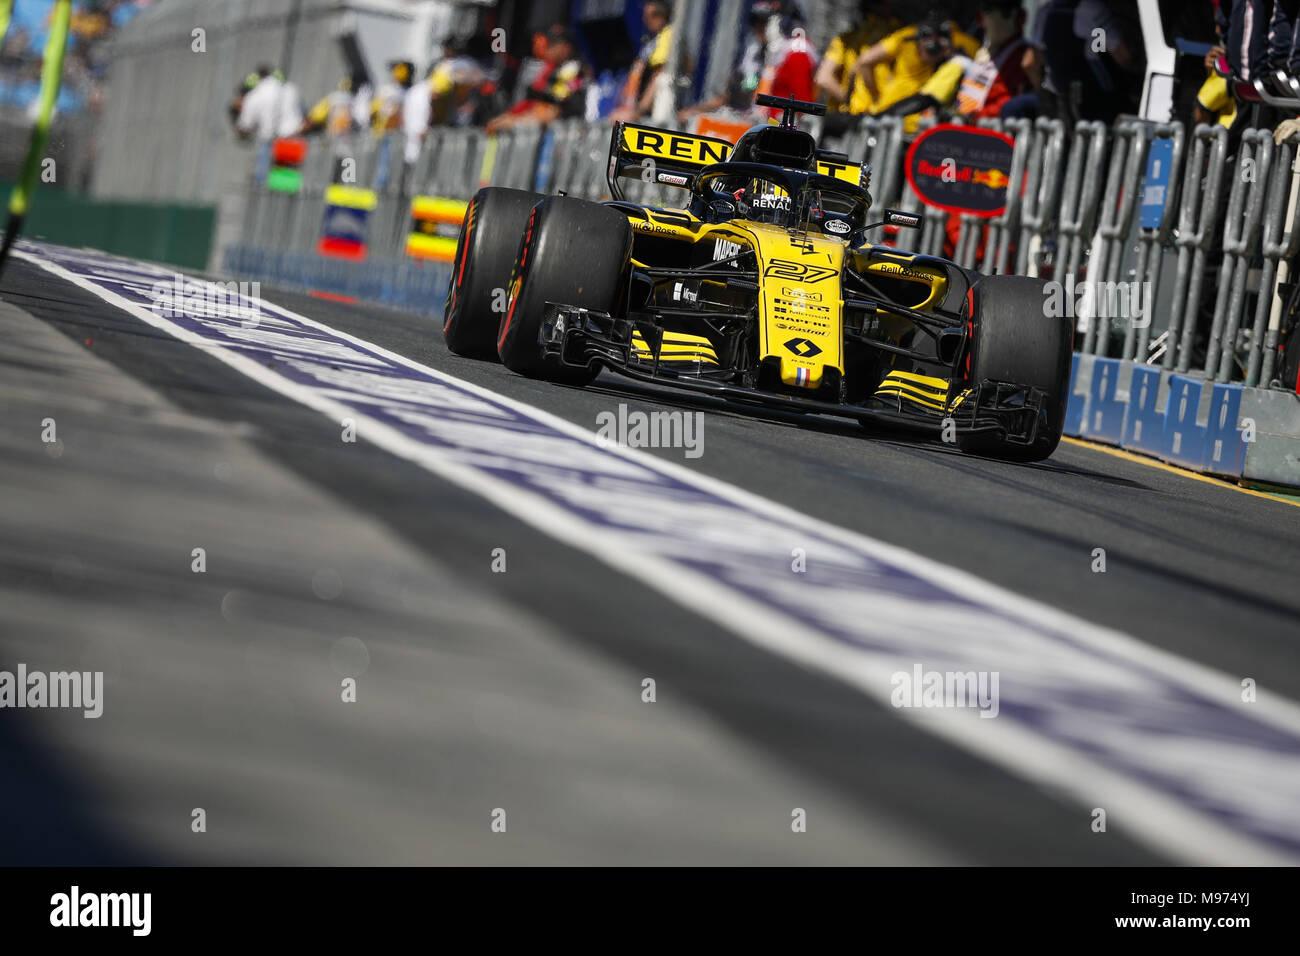 Melbourne Australien 23 Mär 2018 Nico Hulkenberg Ger Renault